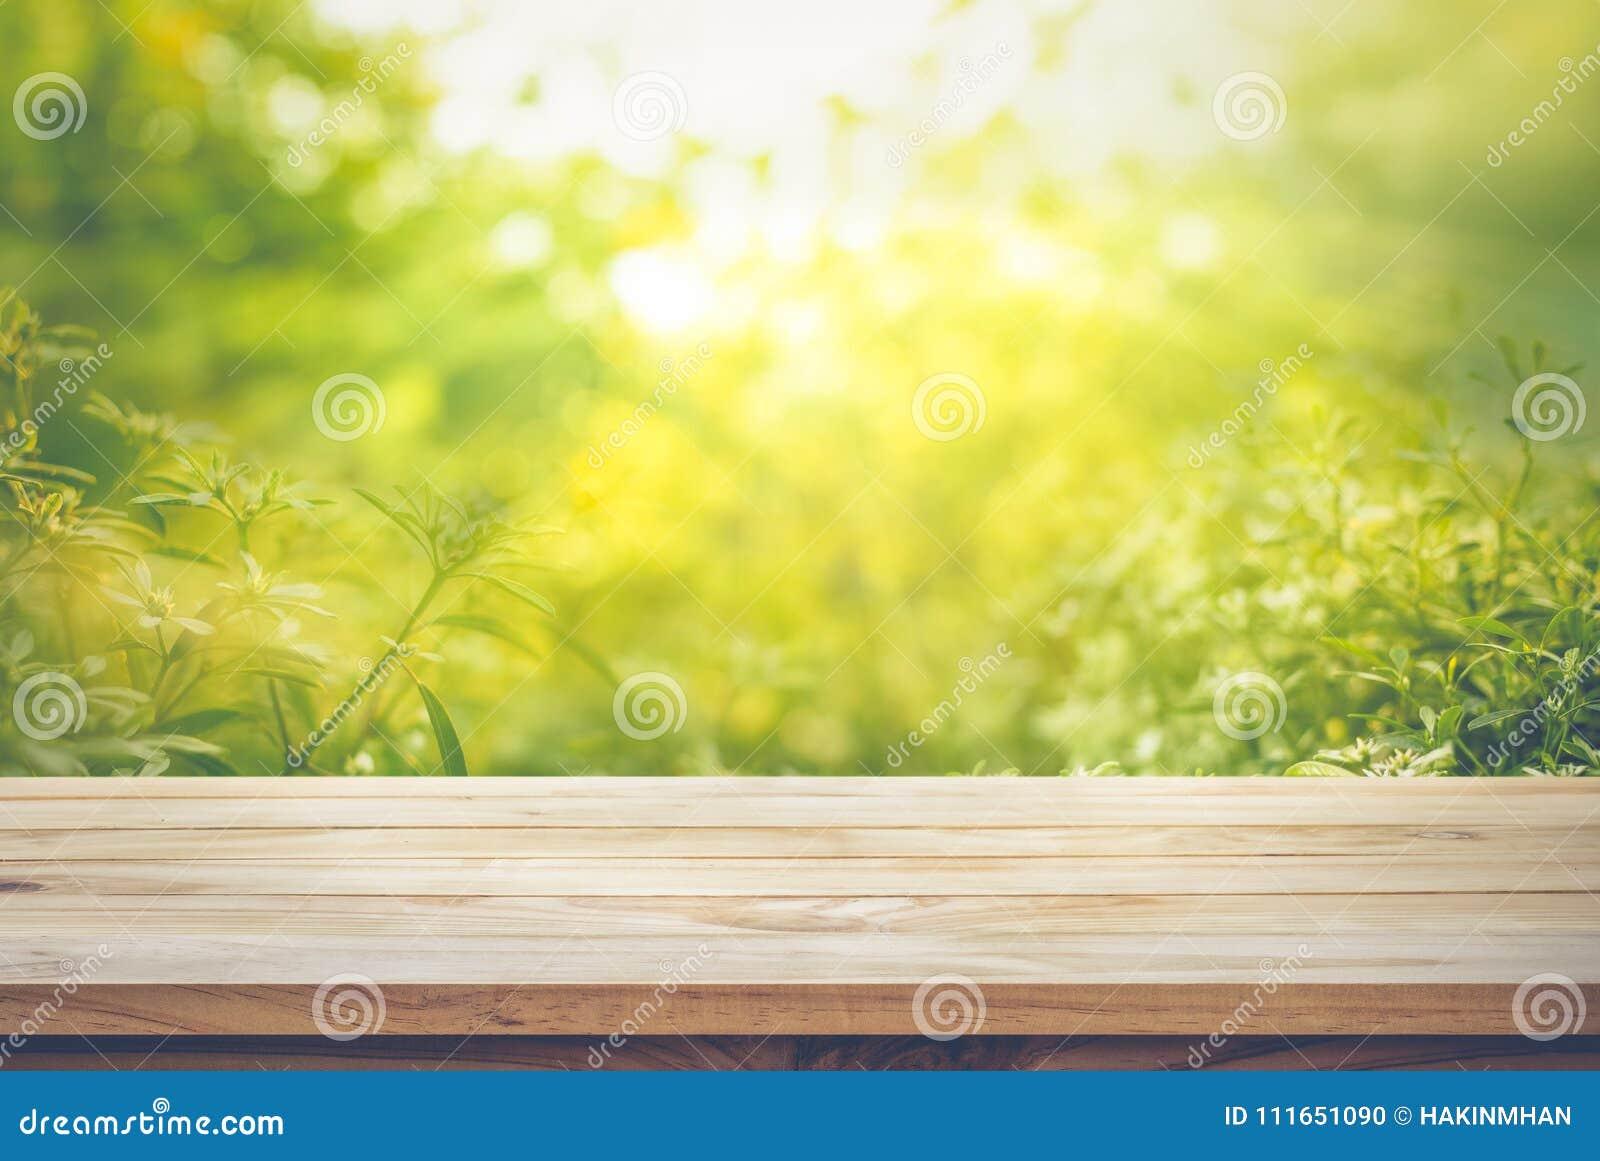 Svuoti del piano d appoggio di legno su sfuocatura dell estratto verde fresco dal giardino